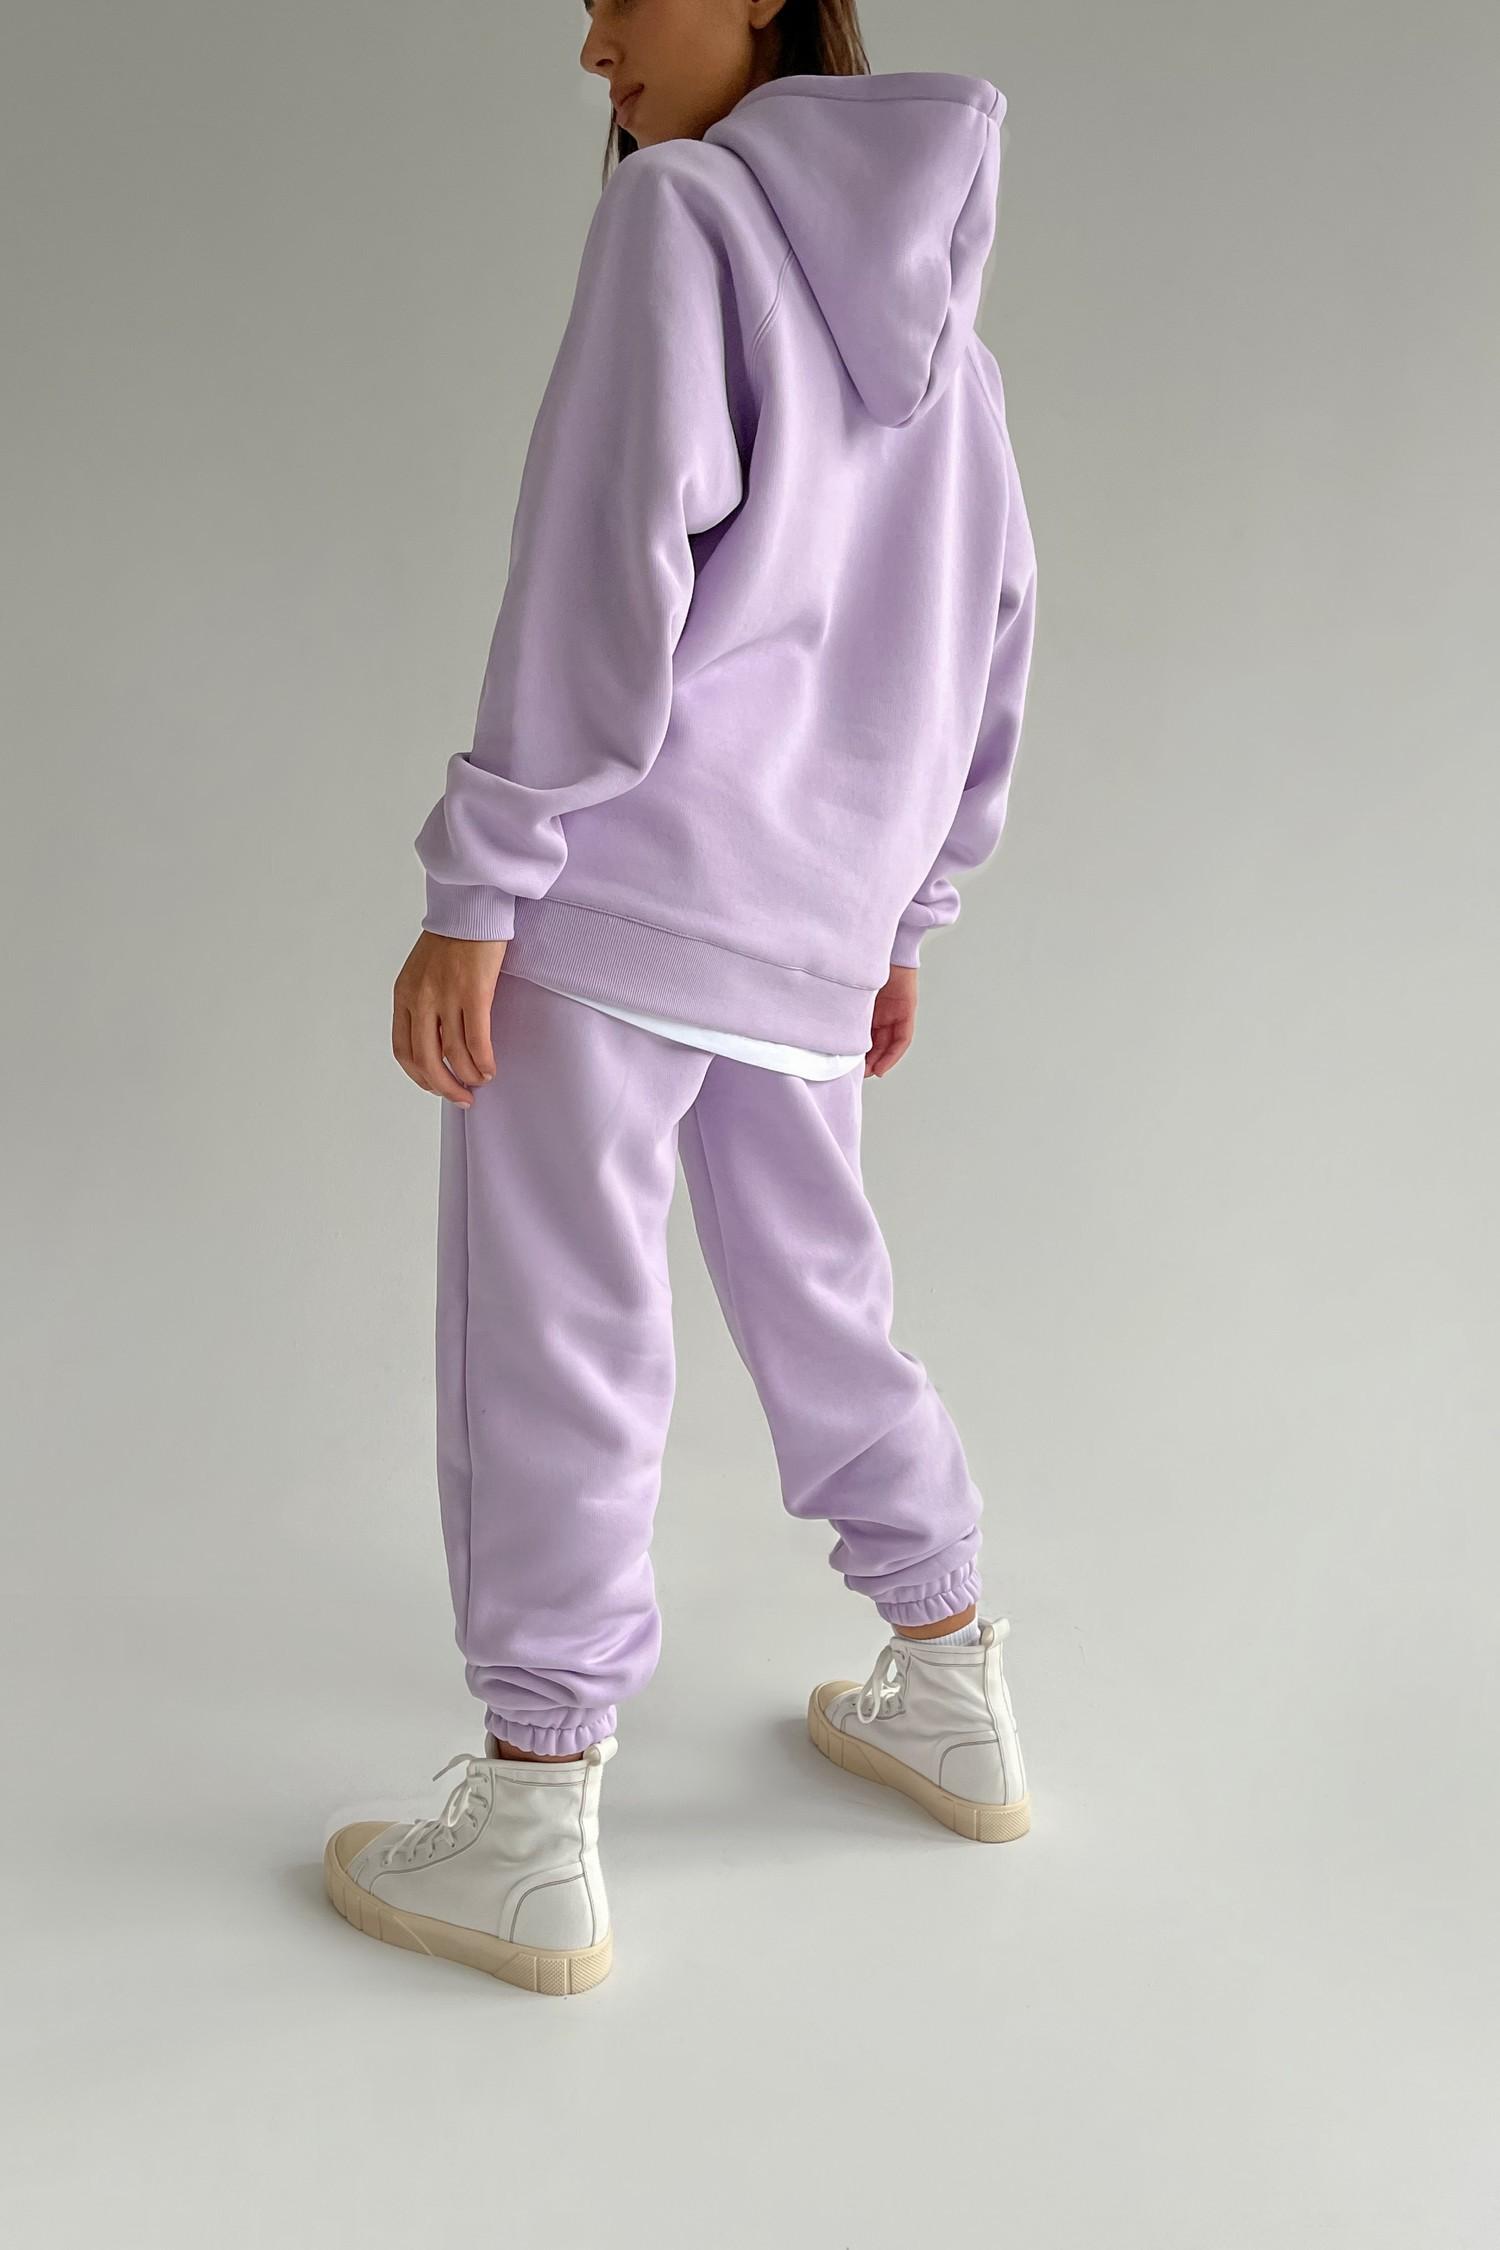 Костюм со спортивными брюками и свитшотом violet - THE LACE